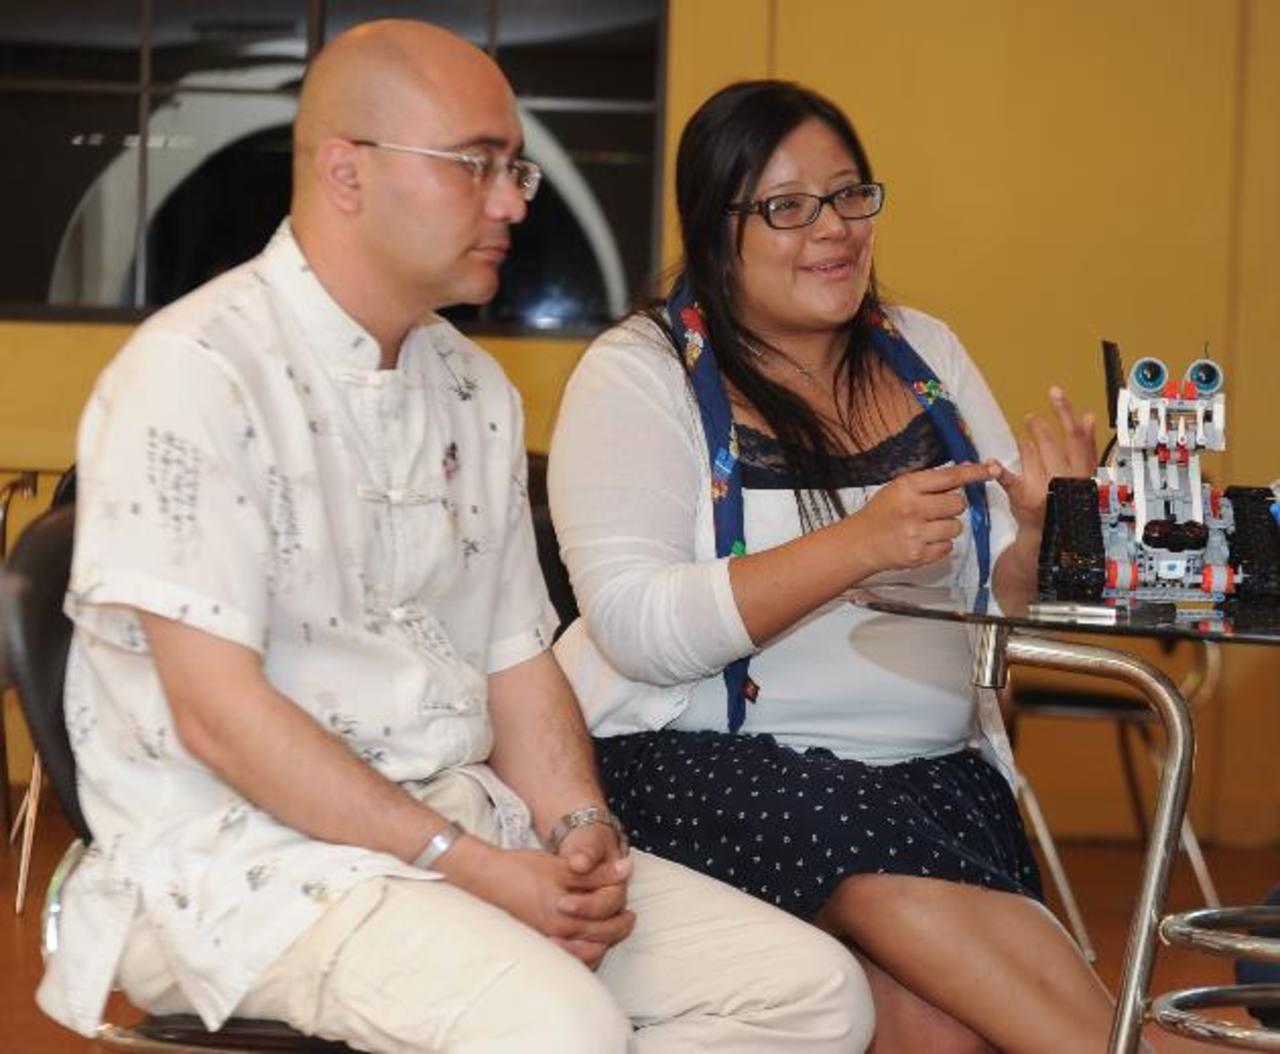 Expertos mexicanos ofrecieron una capacitación a docentes del país sobre cómo funciona y los beneficios Lego Education.